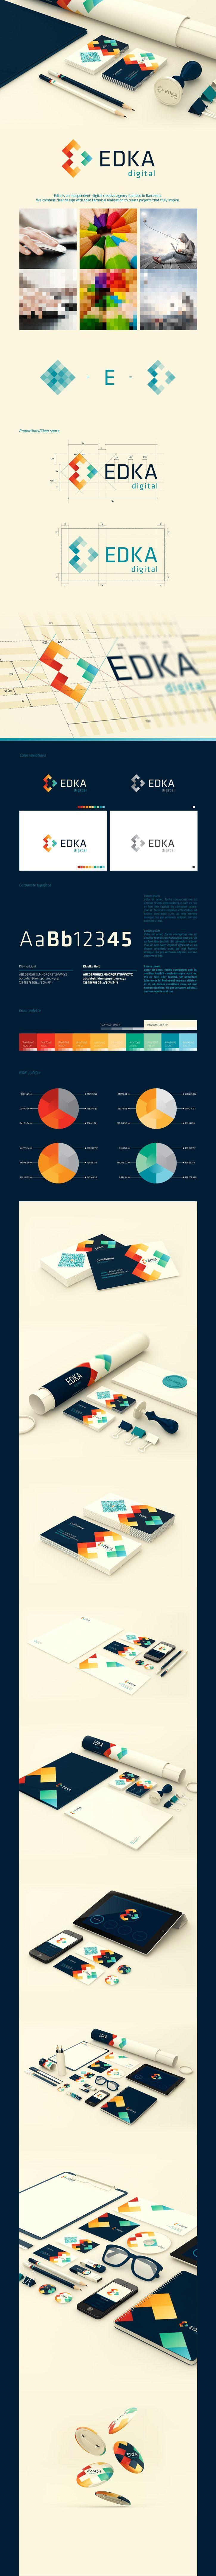 Identidade visual da agência Edka, de Barcelona, projetada por Vio Pintilie. #identify #branding #logodesign: